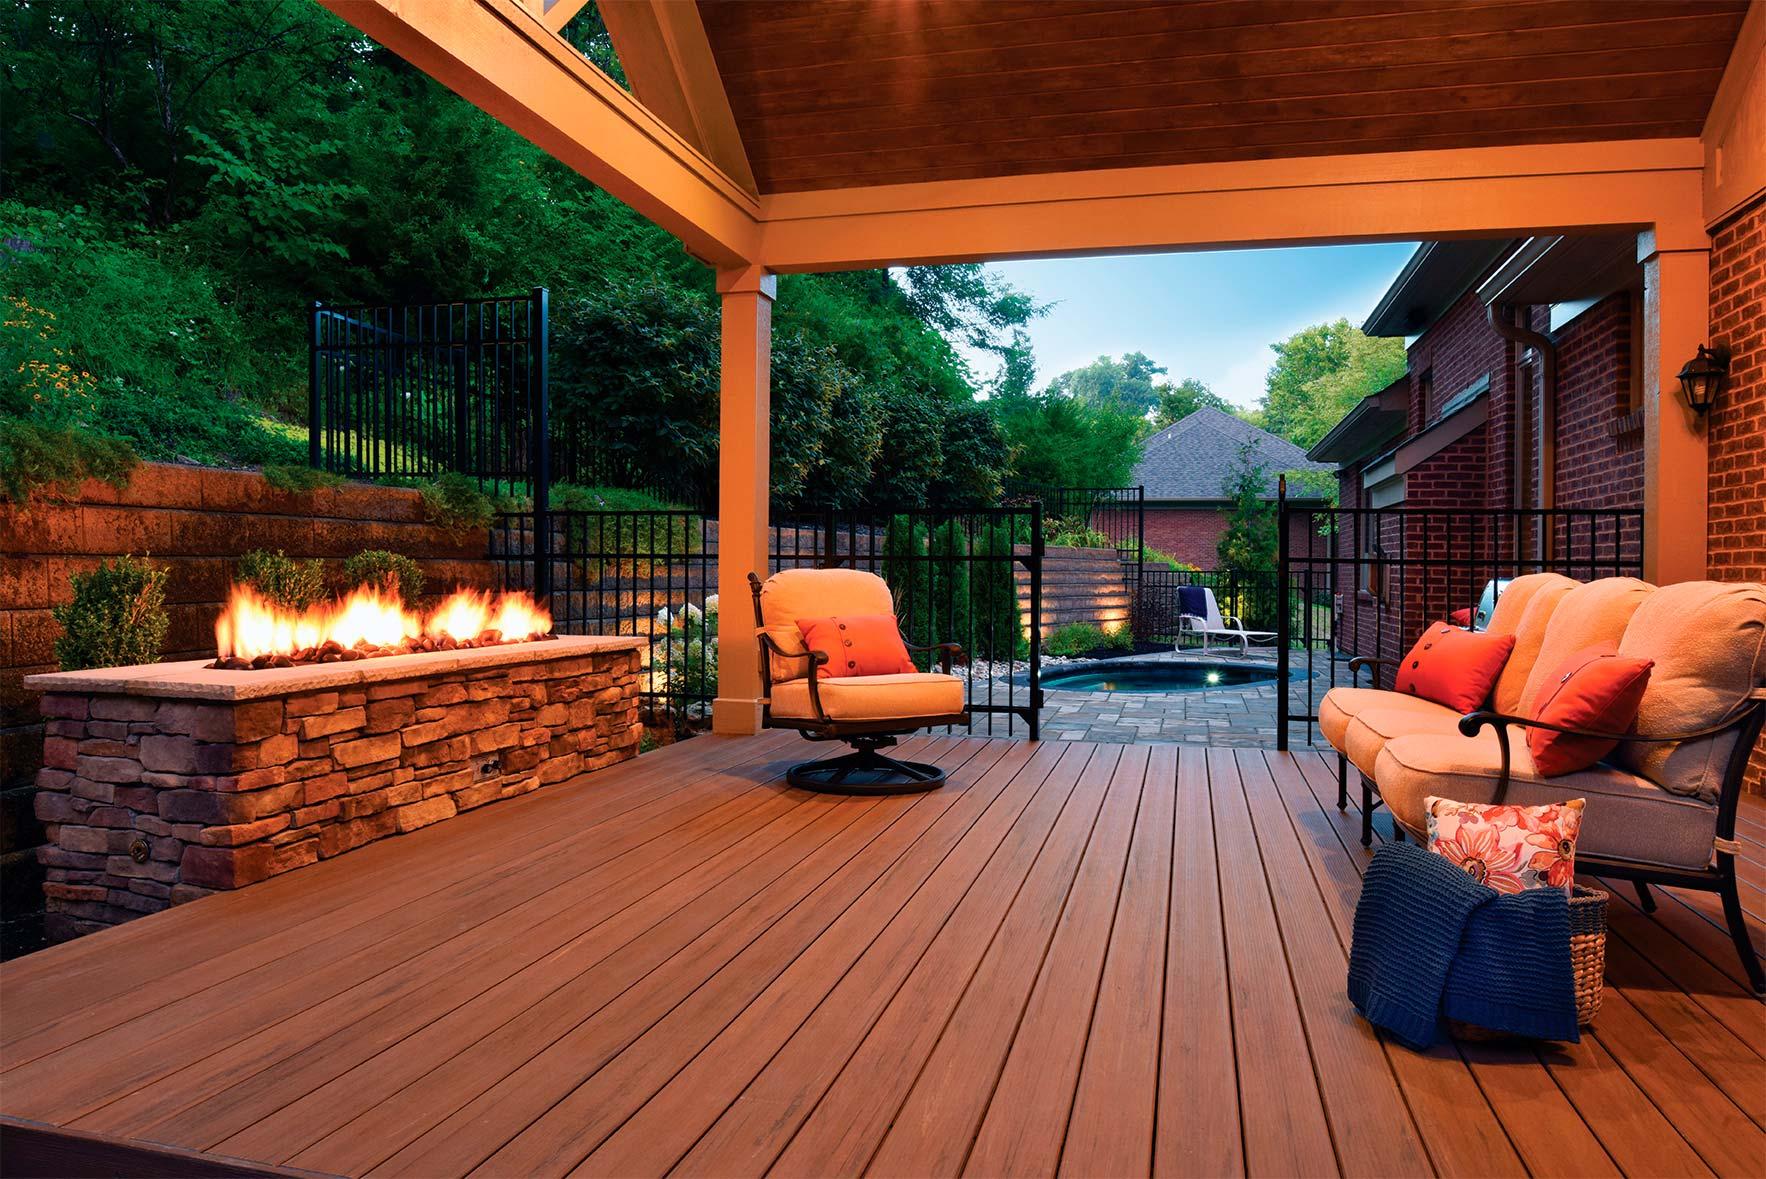 Quel Est Le Meilleur Bois Pour Terrasse timbertech azek, lames de terrasse en bois composite